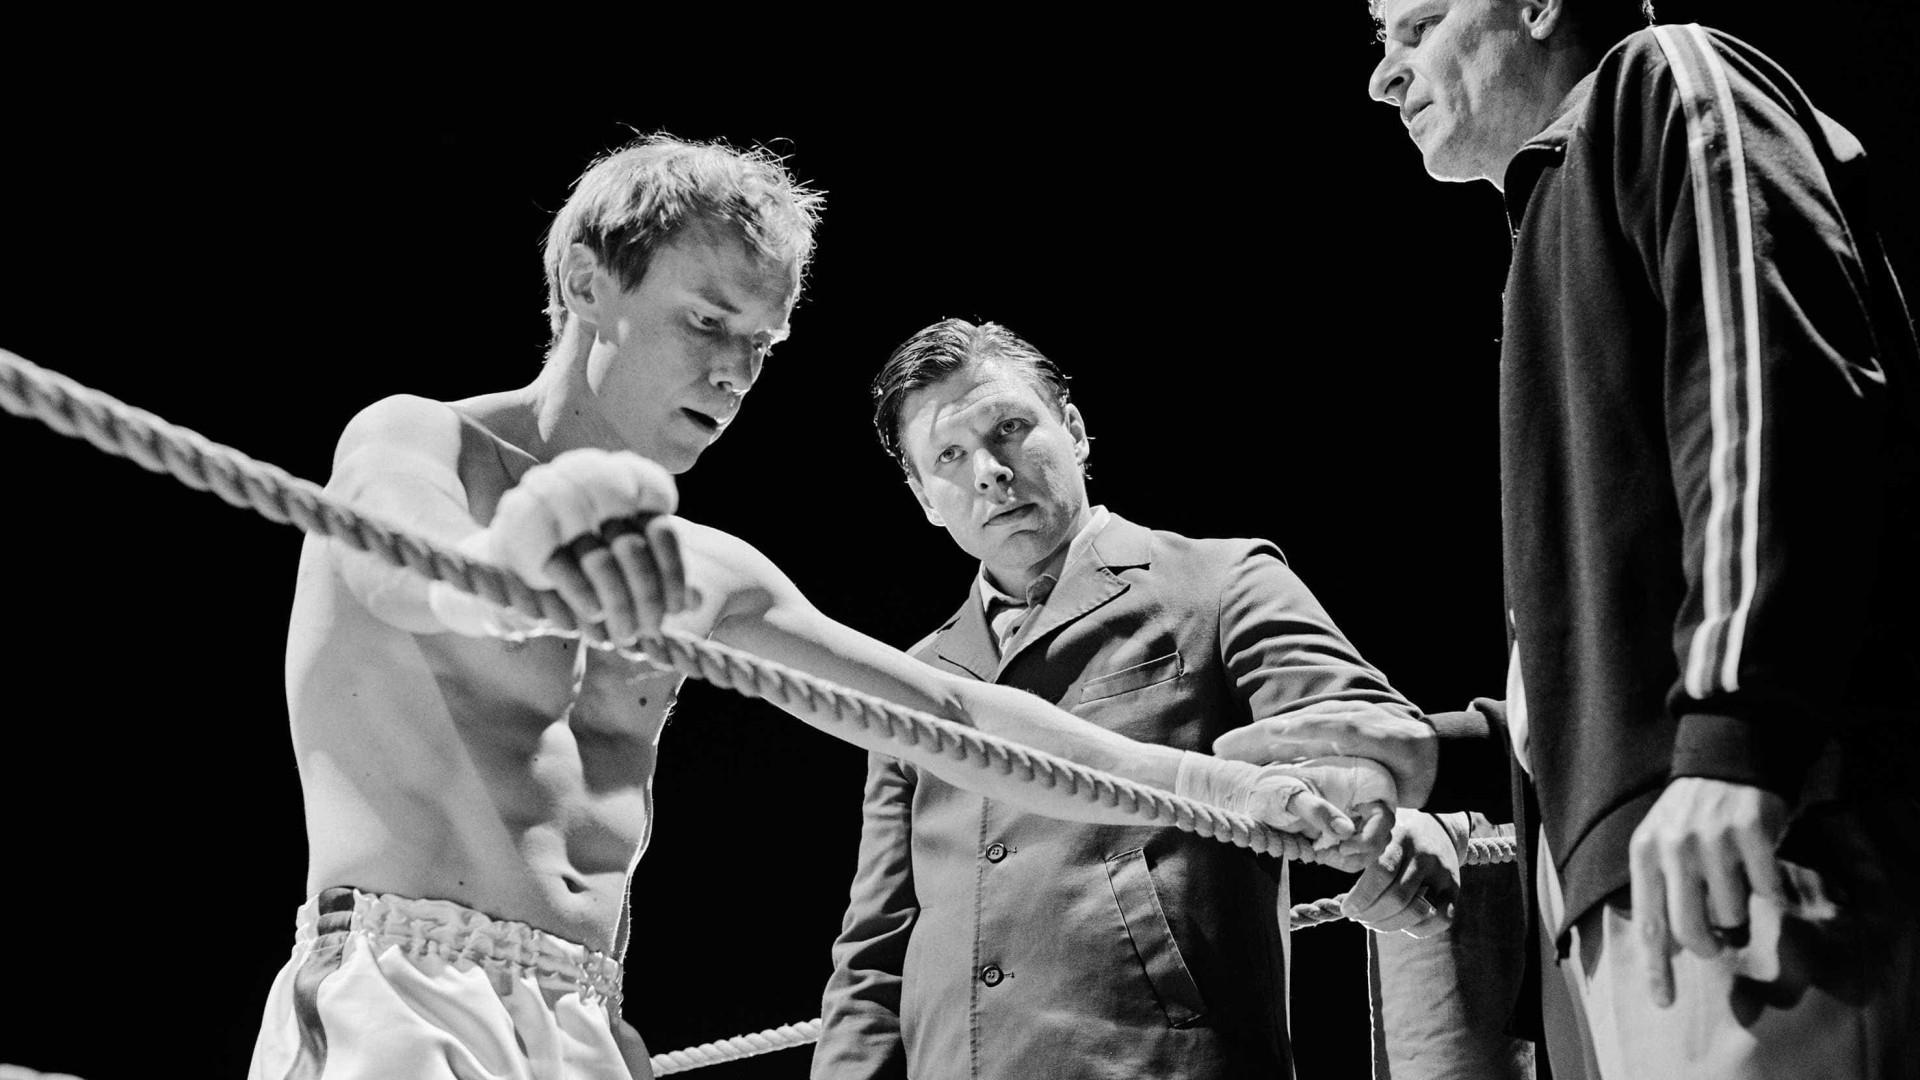 Filme sobre boxeador finlandês encanta  com narrativa sóbria